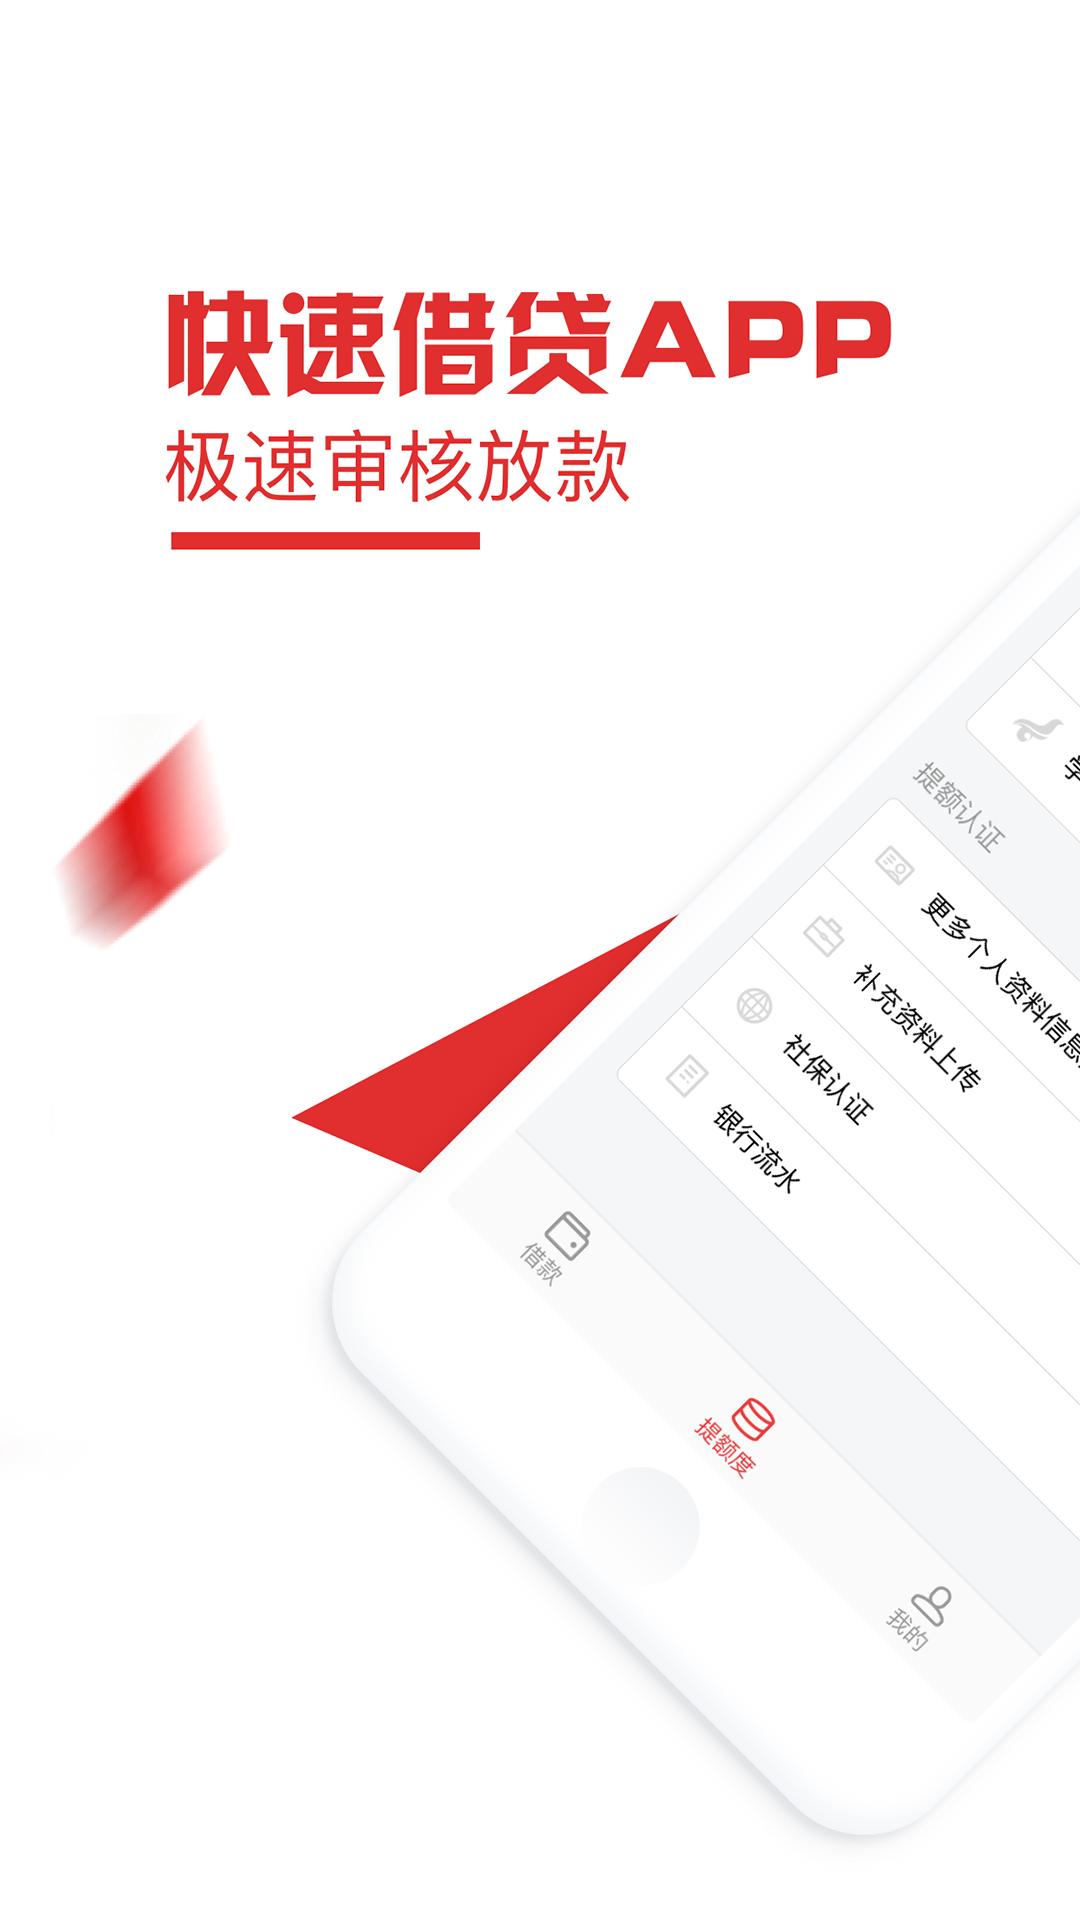 云白条手机贷款安卓版1.3 云白条手机贷款APP下载 办公理财 下载之家